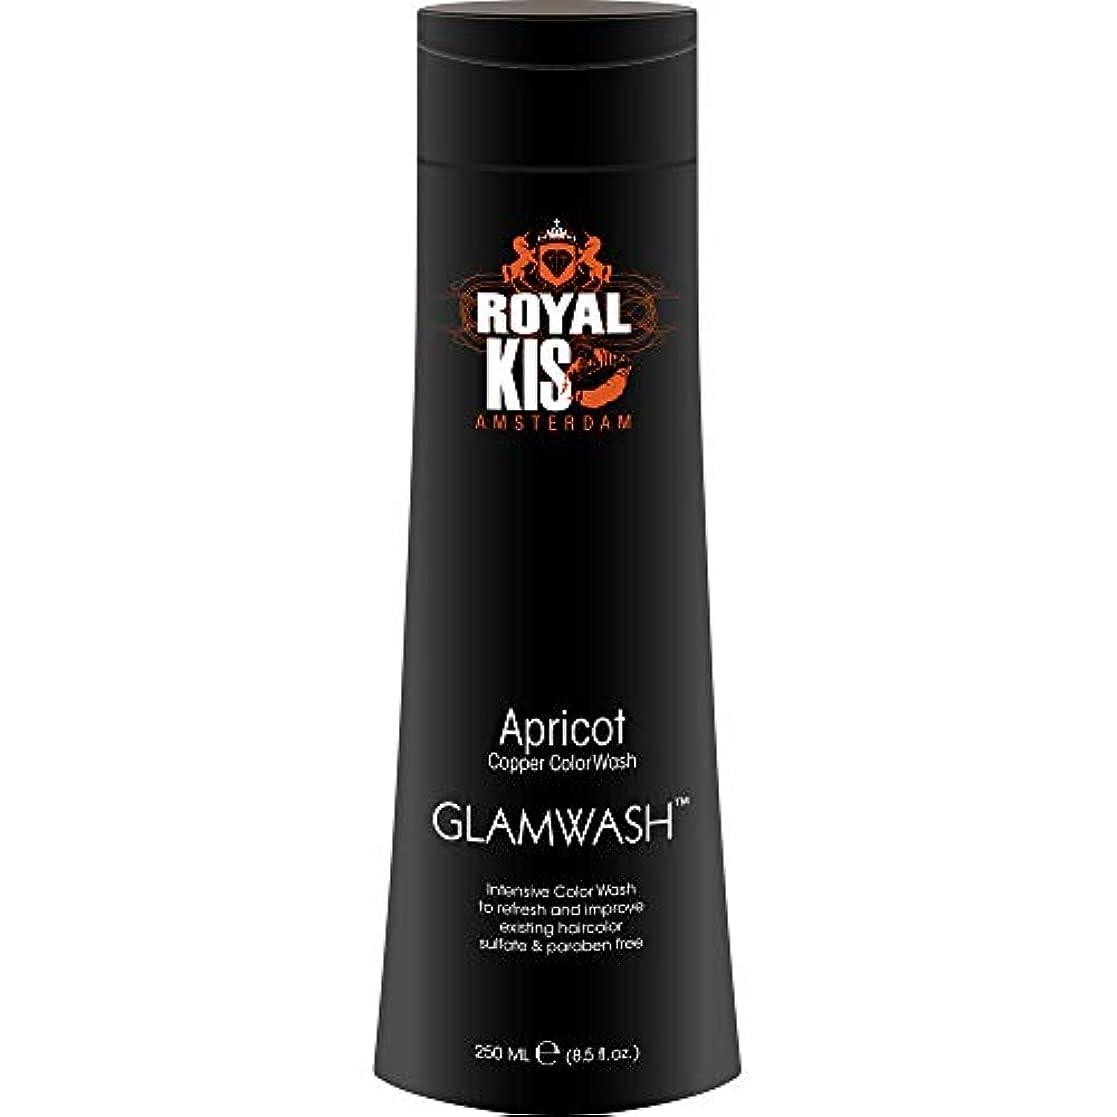 届ける出身地より良いKappers Kis GlamWash アプリコット(銅)-250mlインテンスカラーウォッシュ